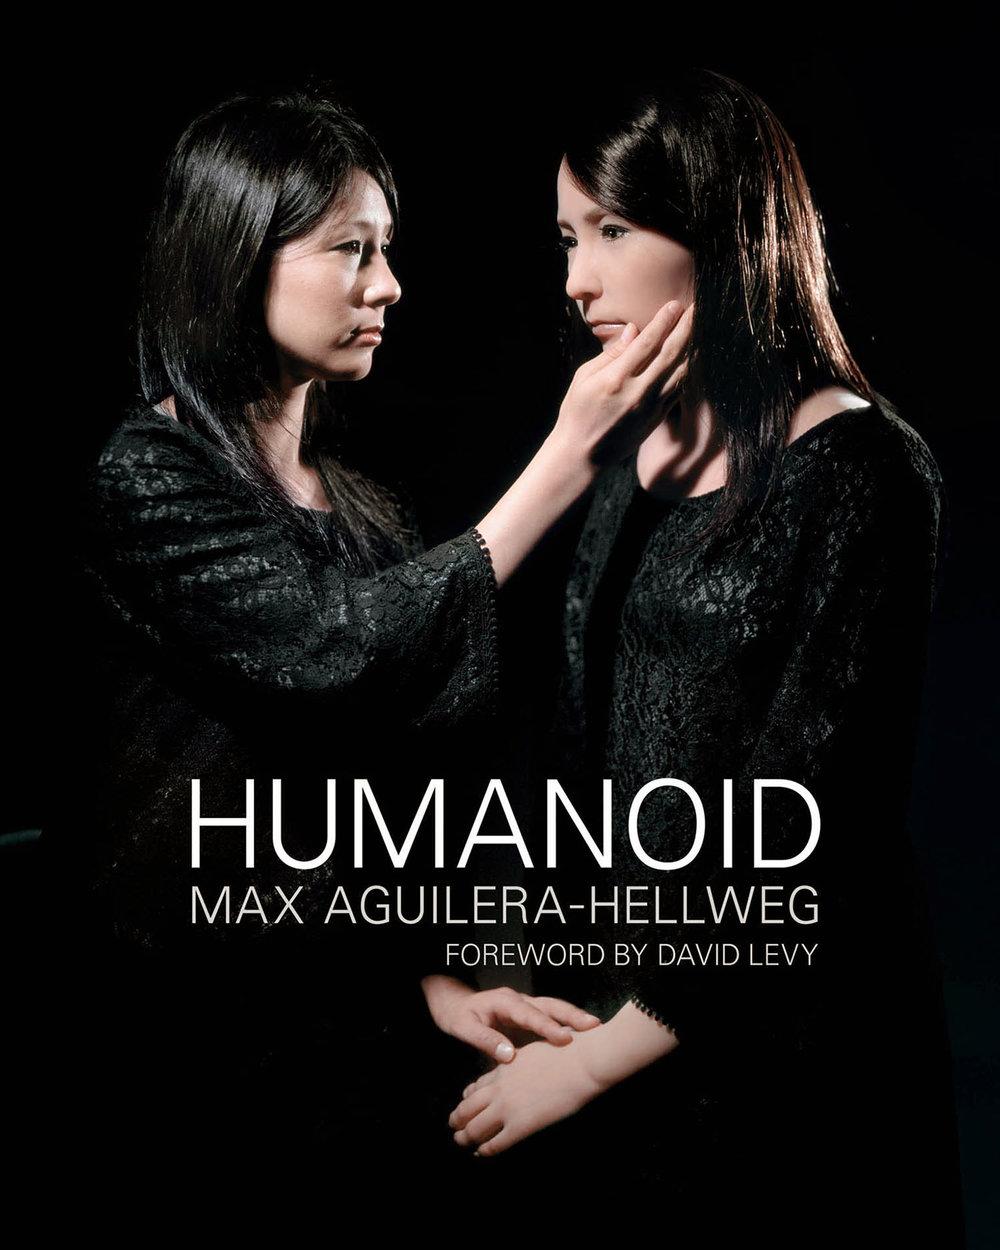 HumanoidCover_finalweb.jpg